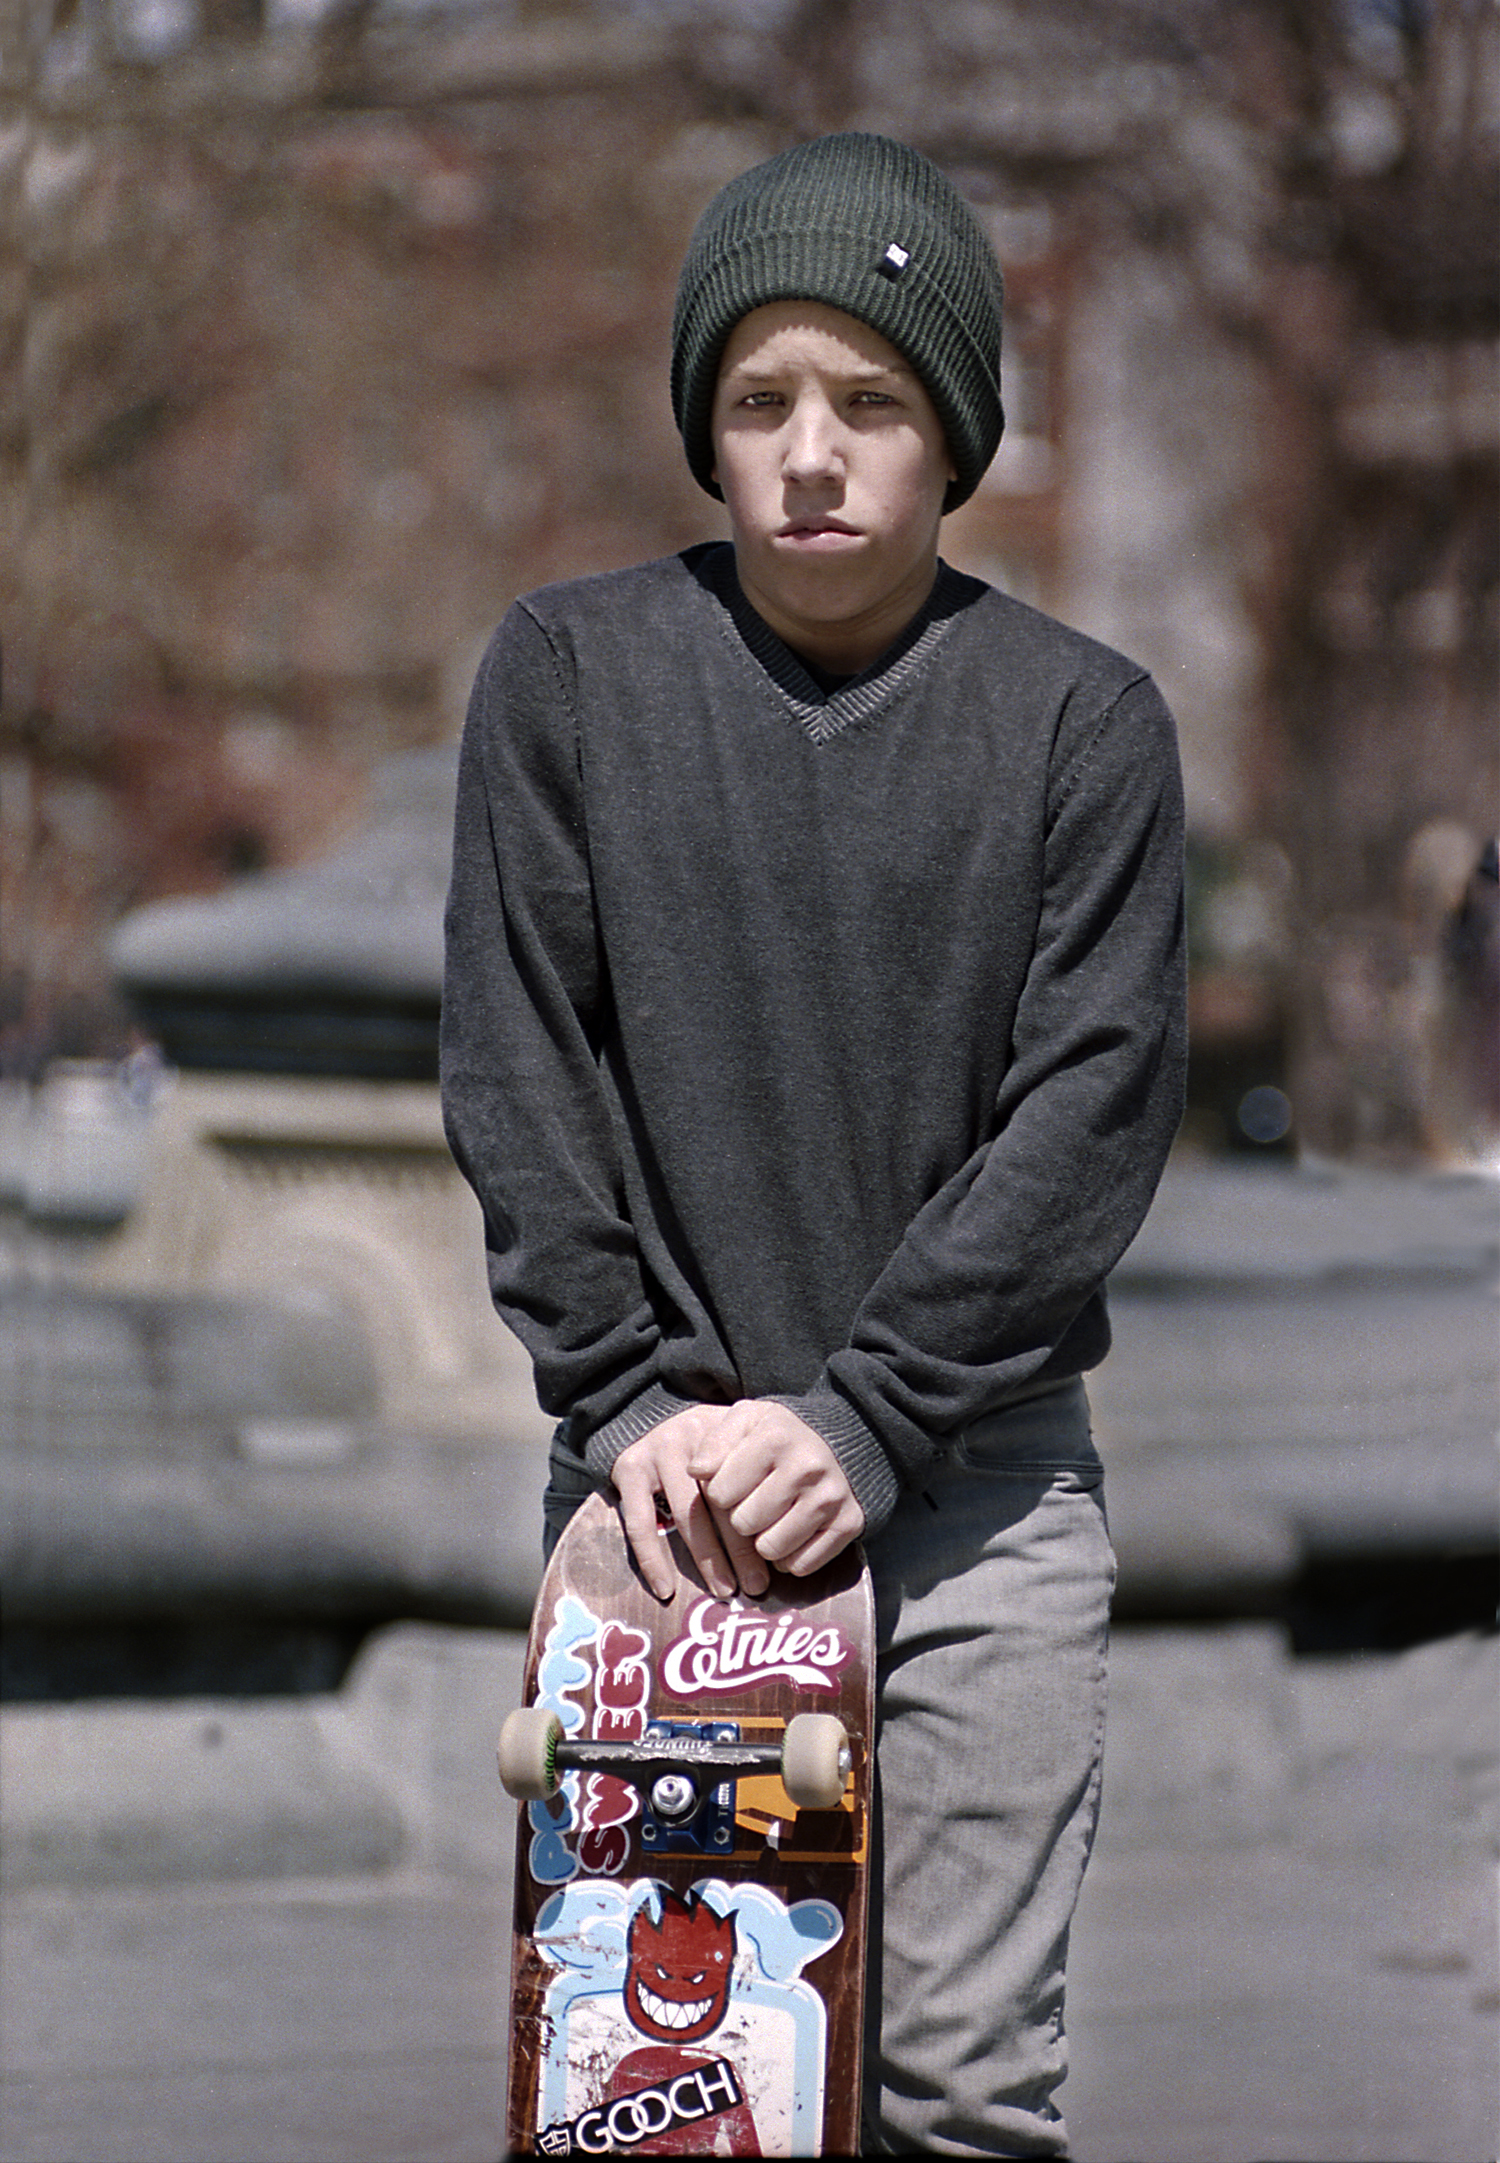 skateboarder1.jpg